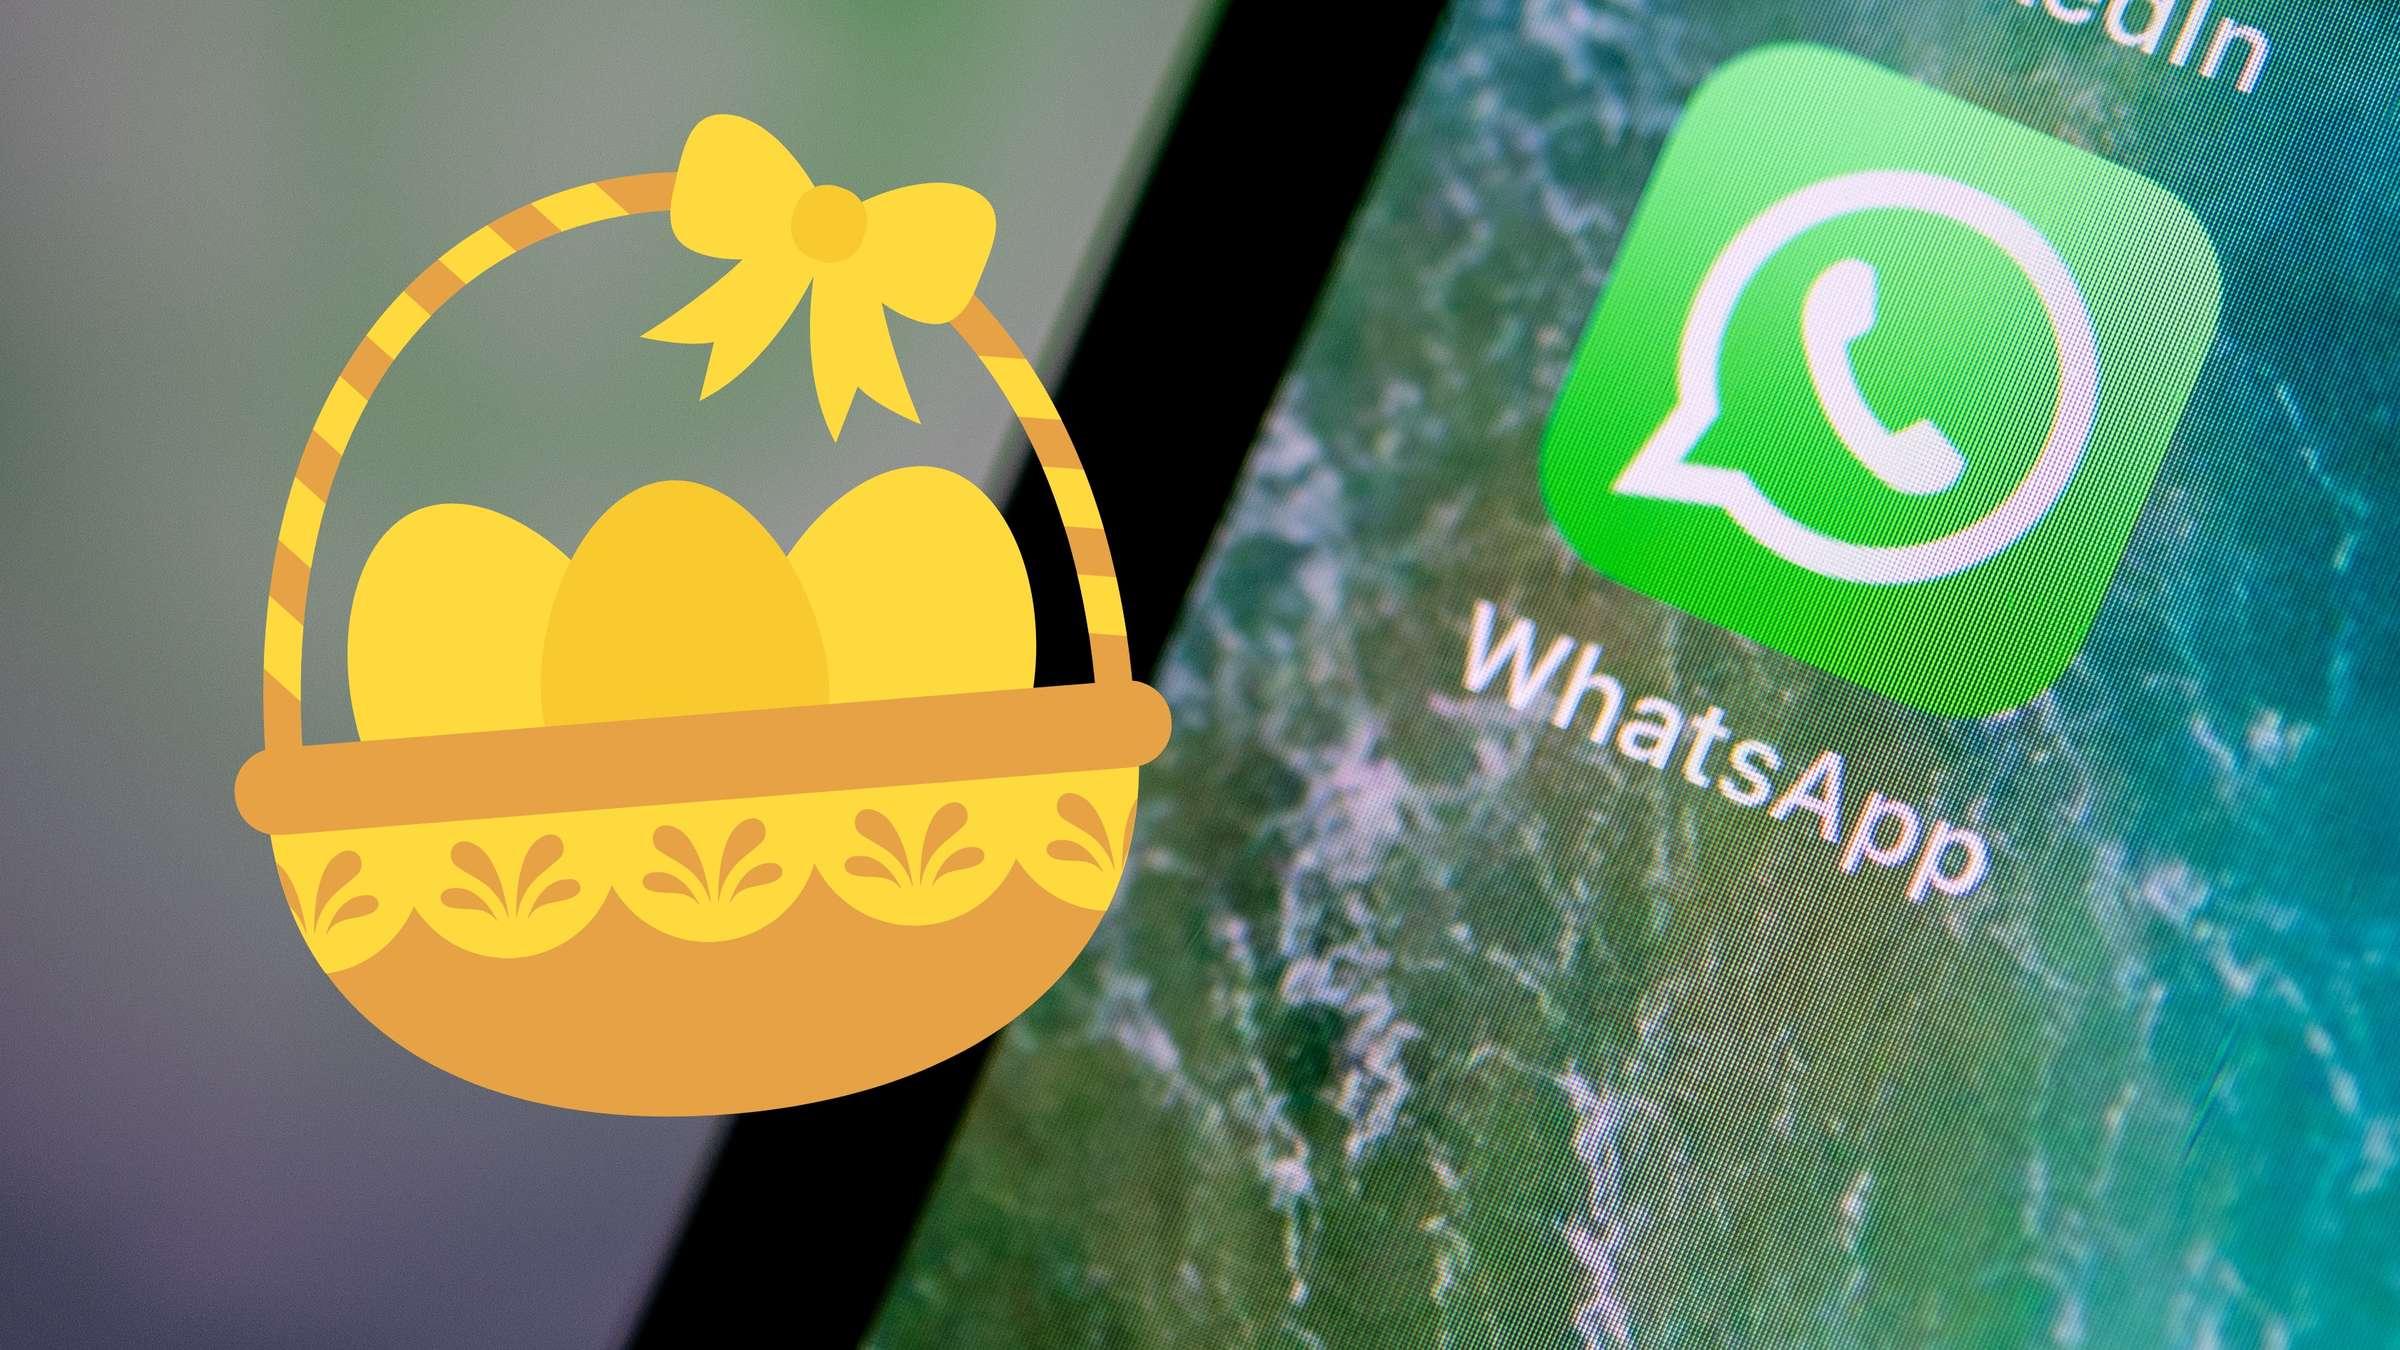 Whatsapp Ostern 2020 Besten Spruche Grusse Videos Fur Familie Und Freunde Service